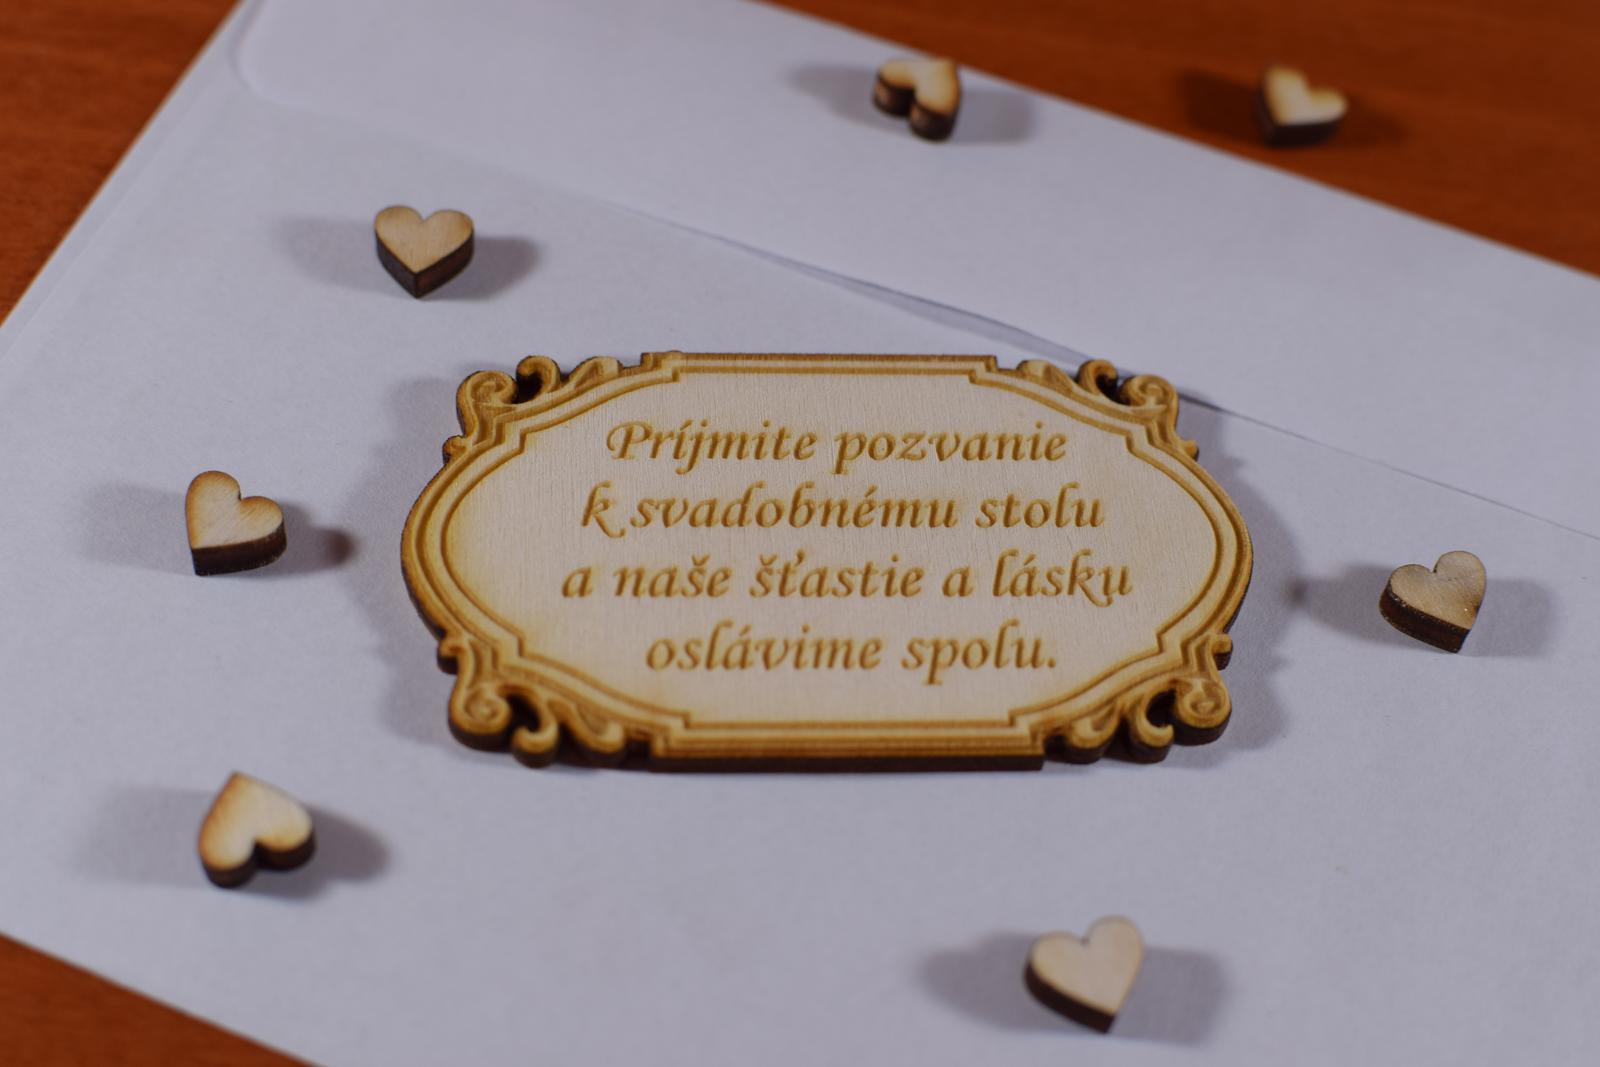 Pozvánka ku svadobnému stolu doplnok k oznámeniu 2 - Obrázok č. 1